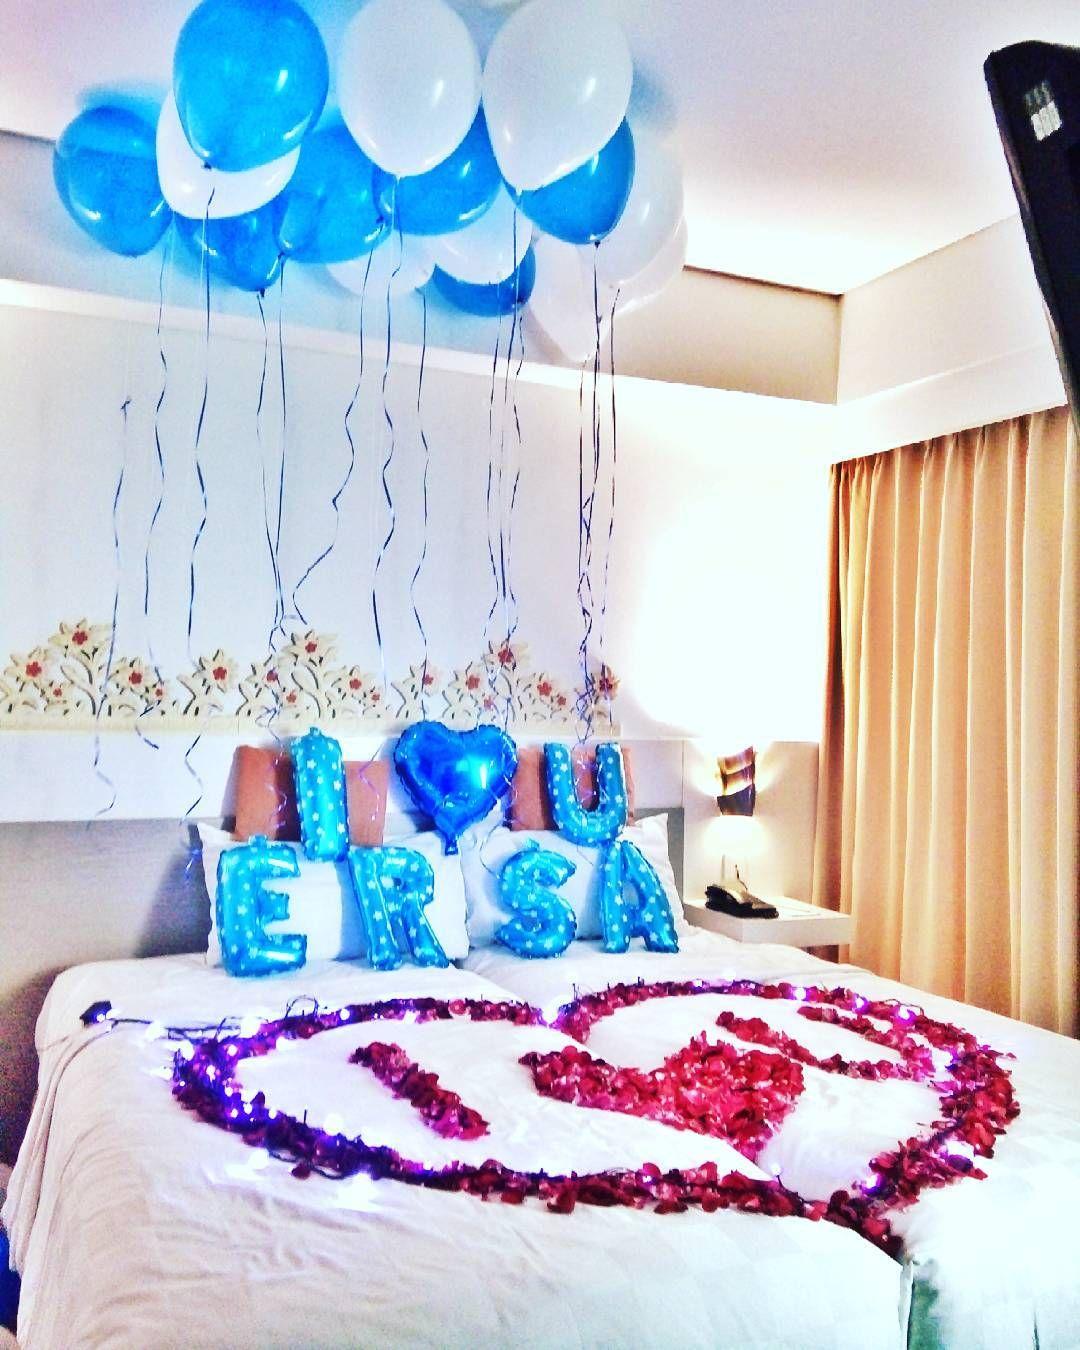 dekorasi ulang tahun di kamar hotel surprise untuk pacar dengan balon